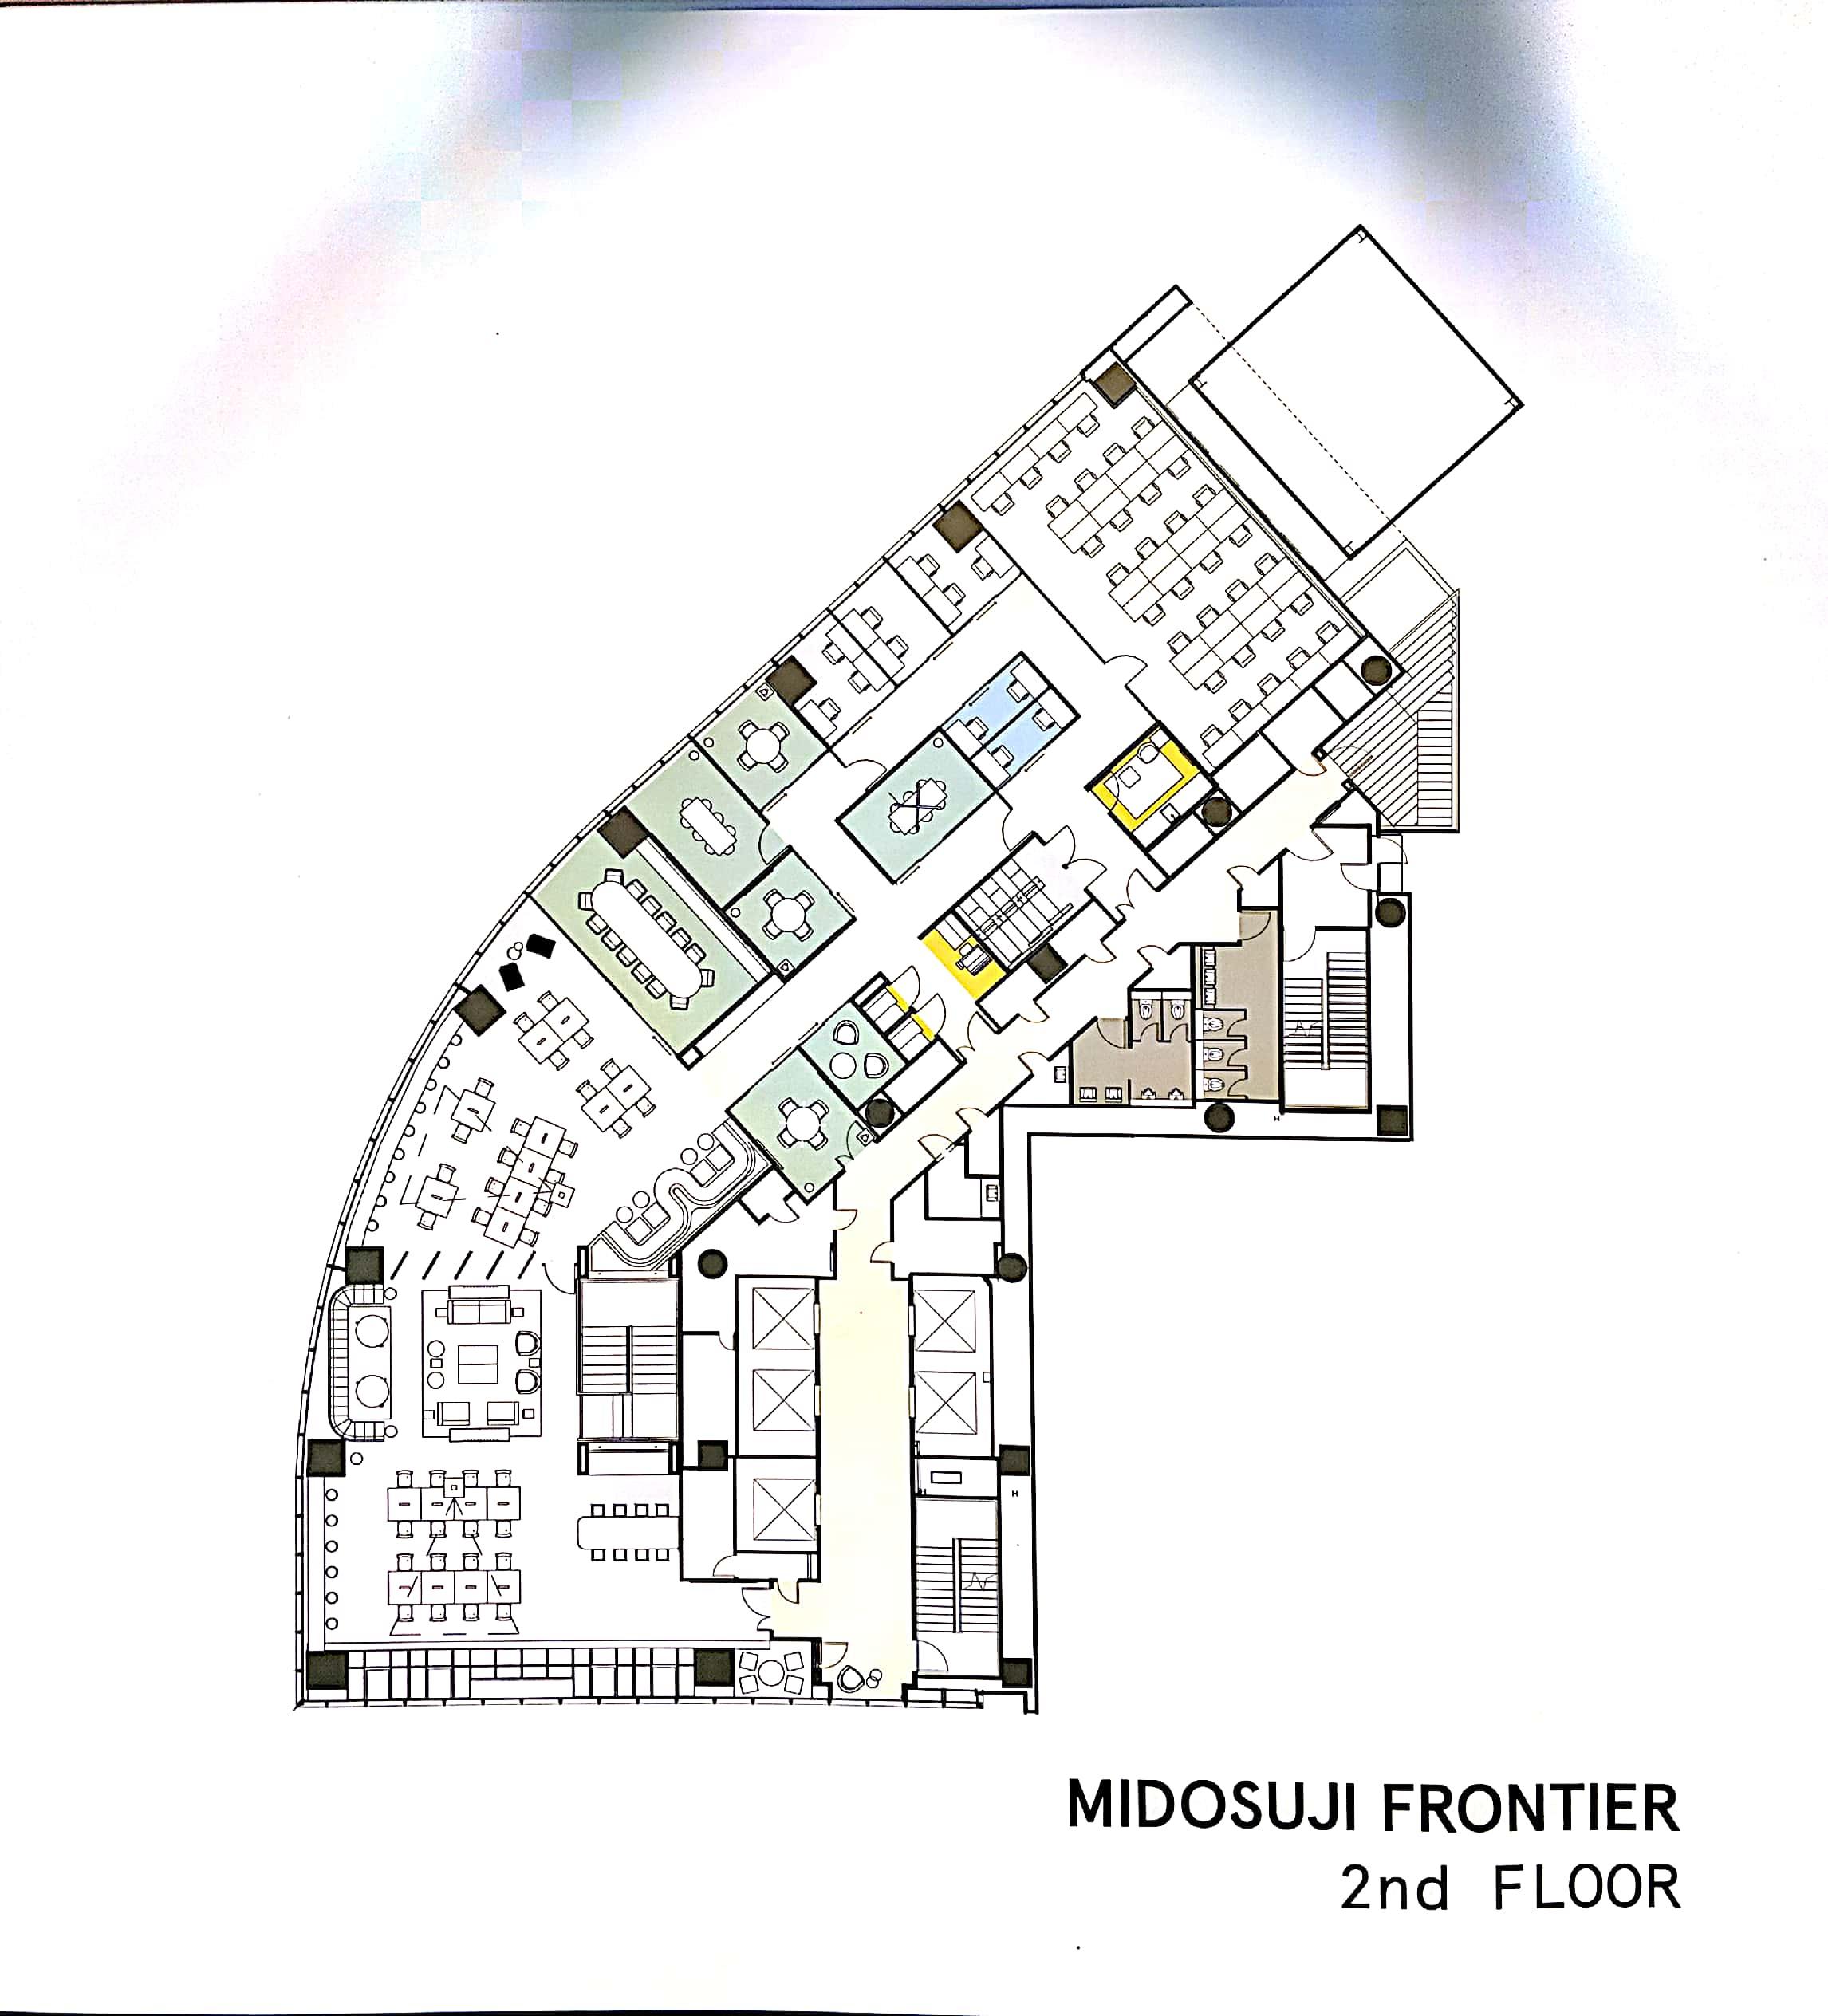 midosuji_frontier_2nd_floor.jpg